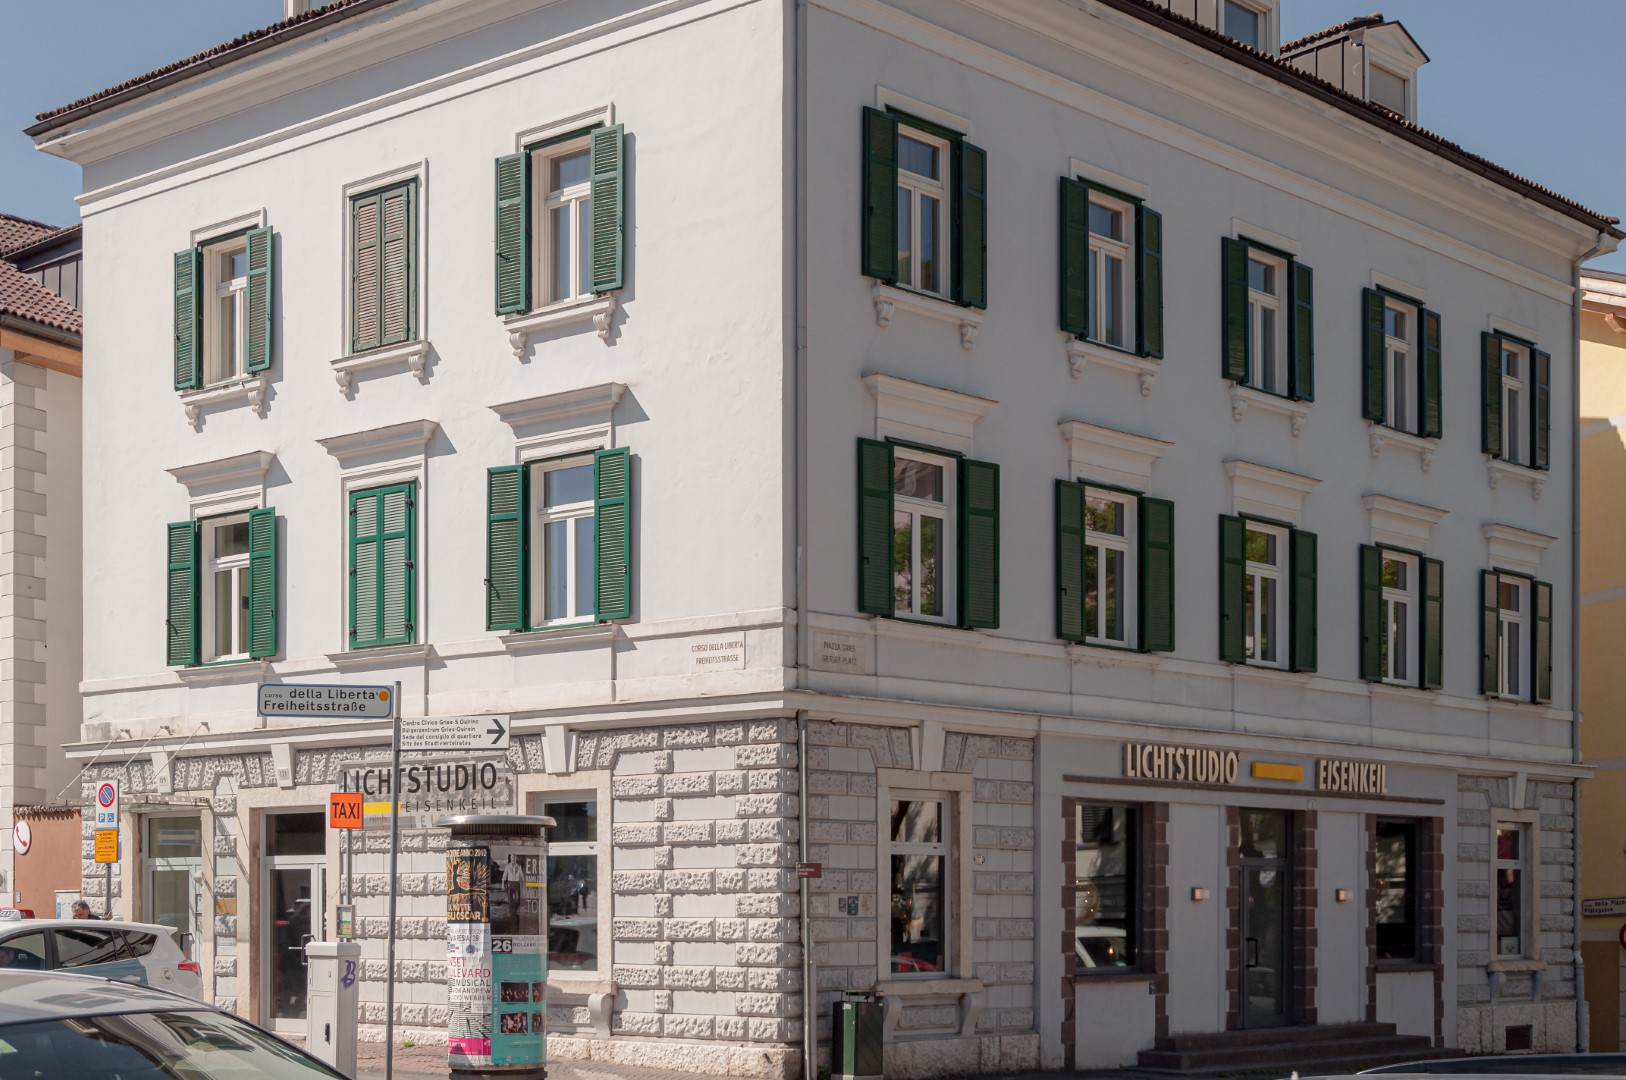 Büro in Bozen (Gries)